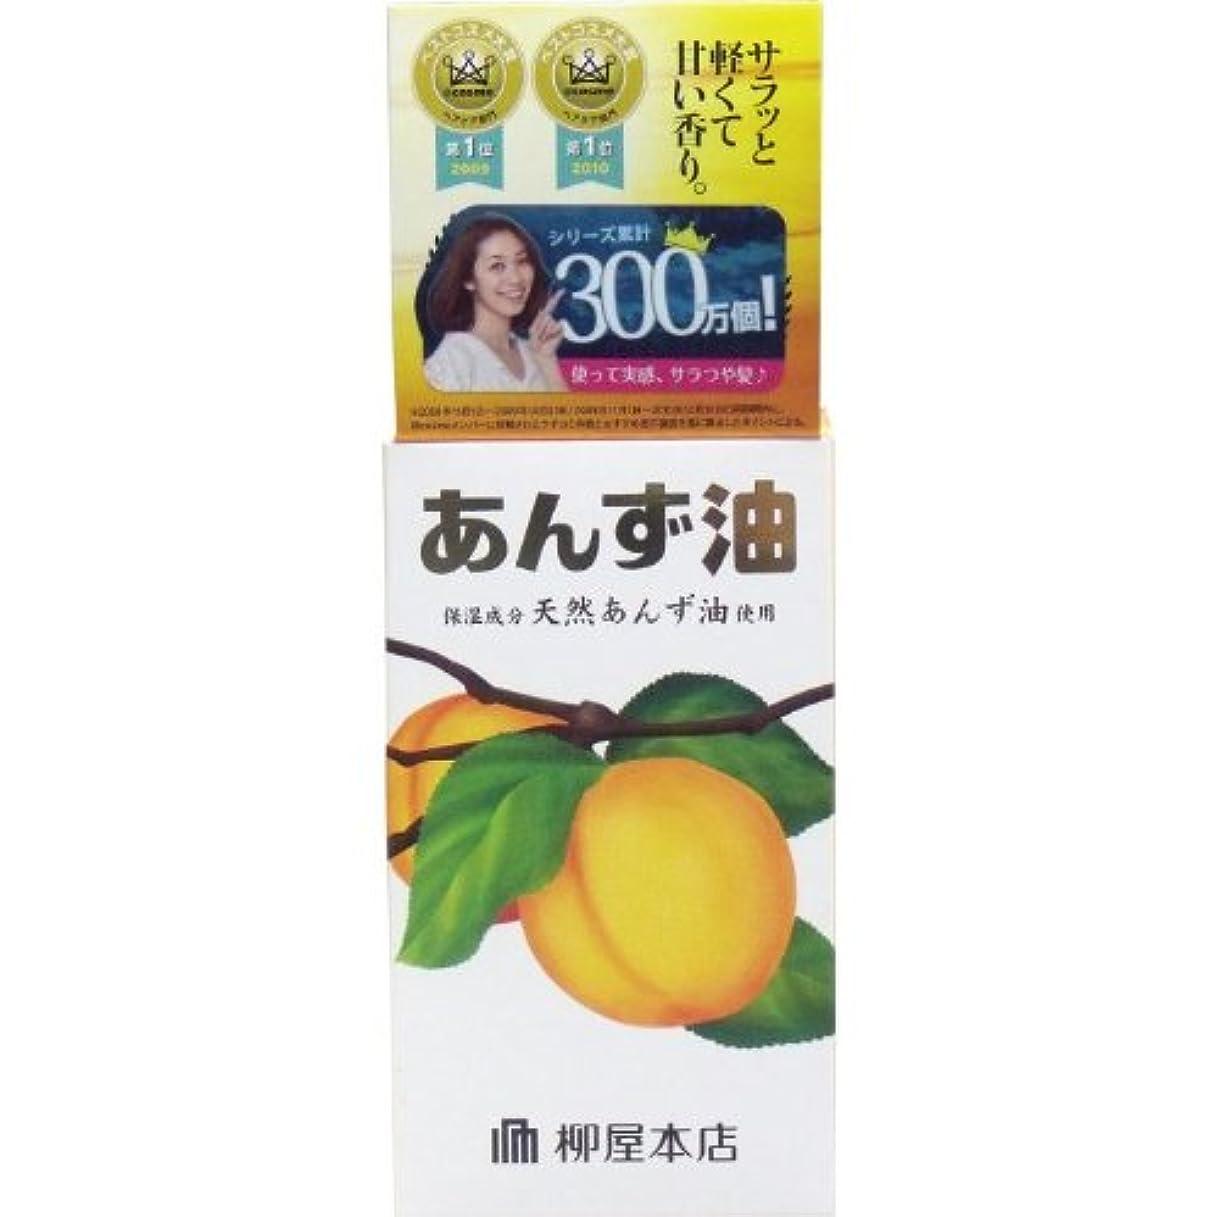 幻想また国家ミネラル 潤い ヘアオイル サラッと軽くて甘い香り!60mL